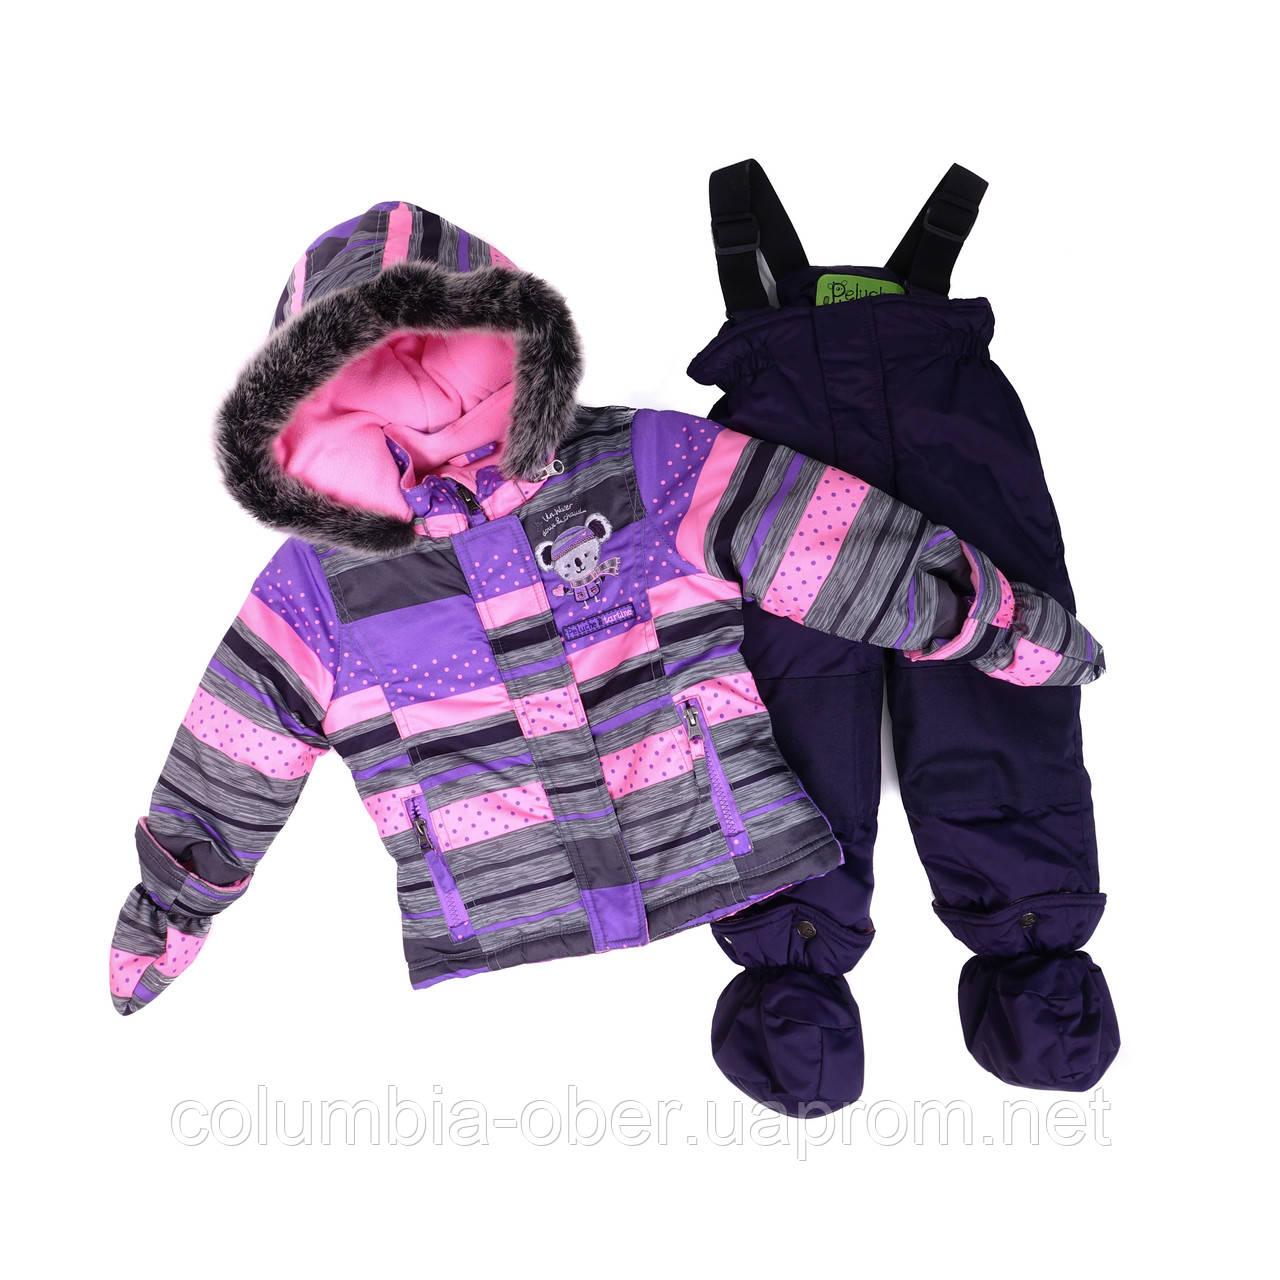 Зимний костюм для девочки PELUCHE 40 BF M F16  Lavander. Размер 24 мес.